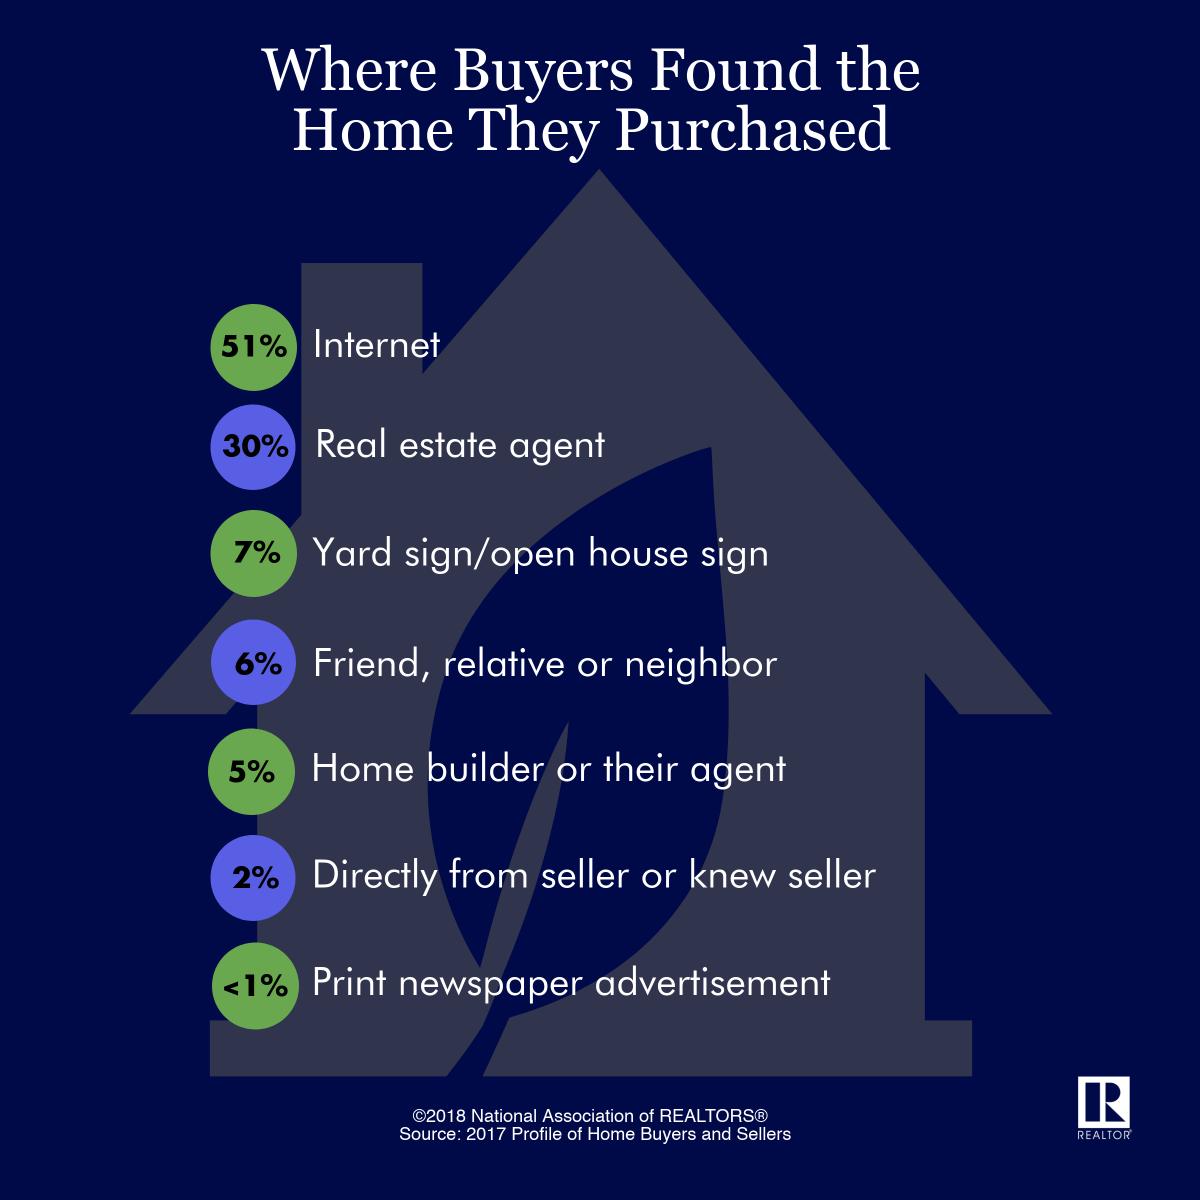 Une infographie de l'endroit où les acheteurs ont trouvé la maison qu'ils ont achetée.